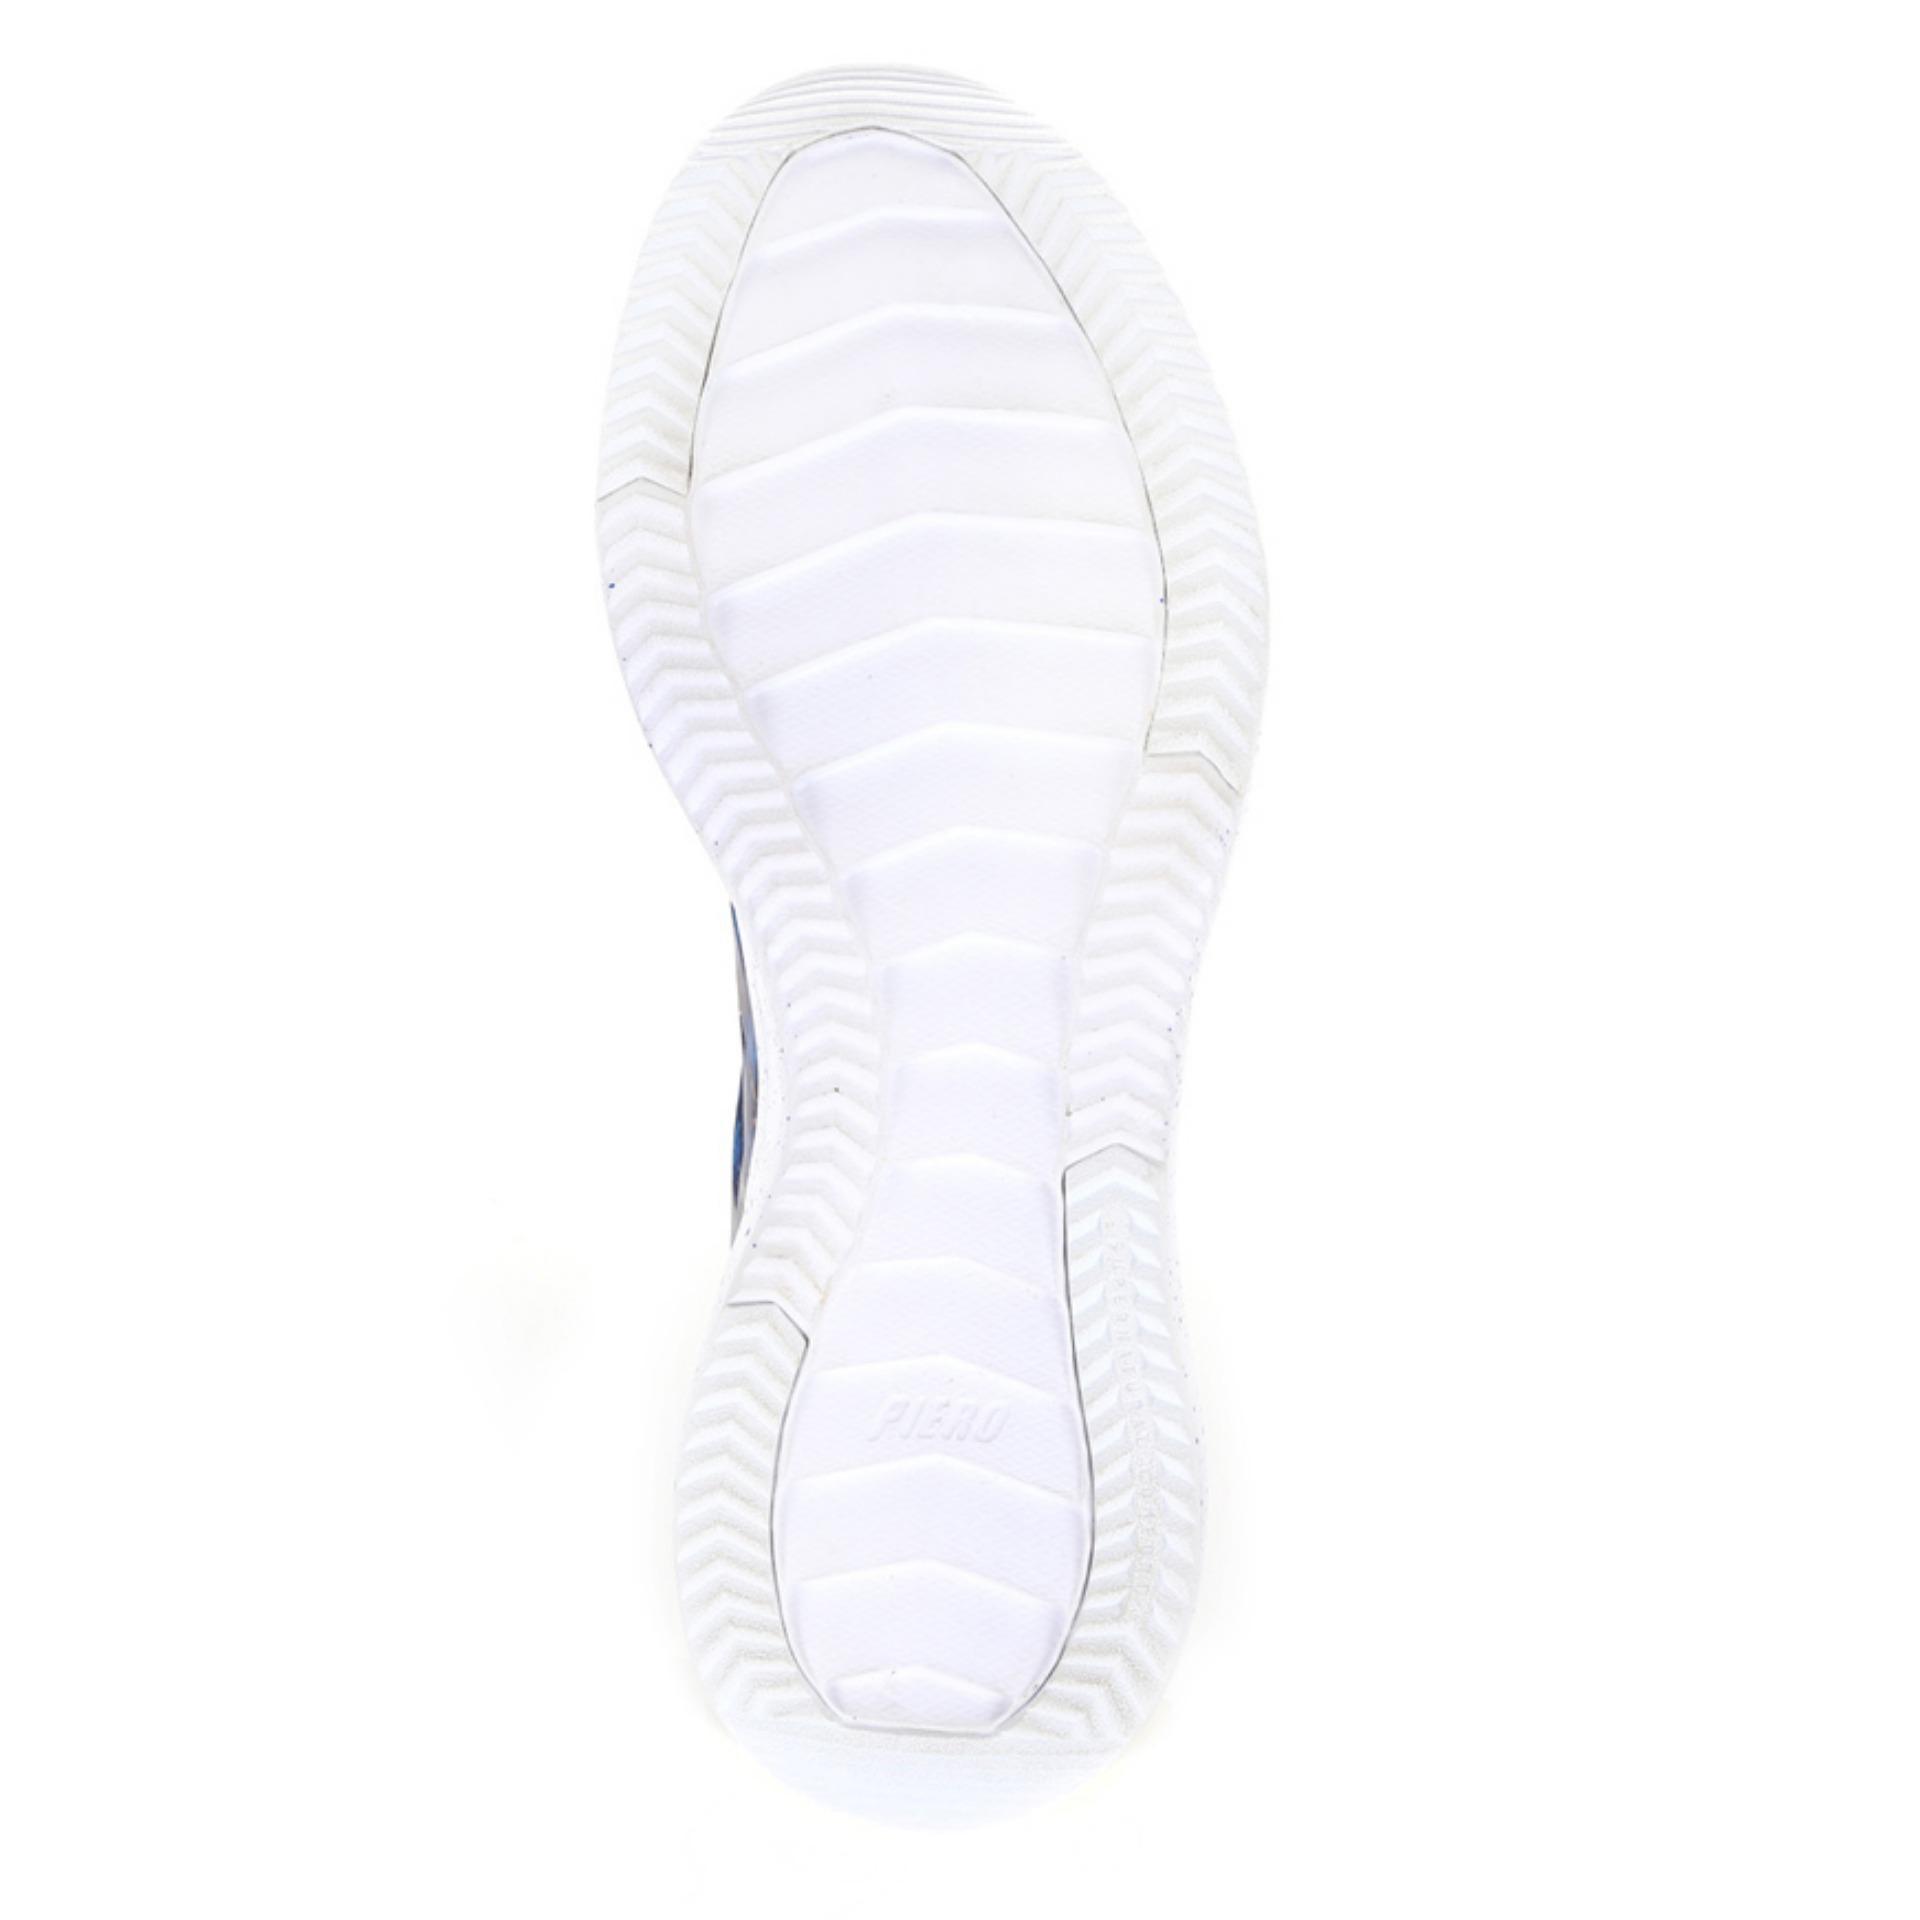 Belanja Murah Piero Jogger Fuse Falconblue Falcon Diskon Penjualan Sepatu Sneakers Eva Trainer Dark Pack Hitam